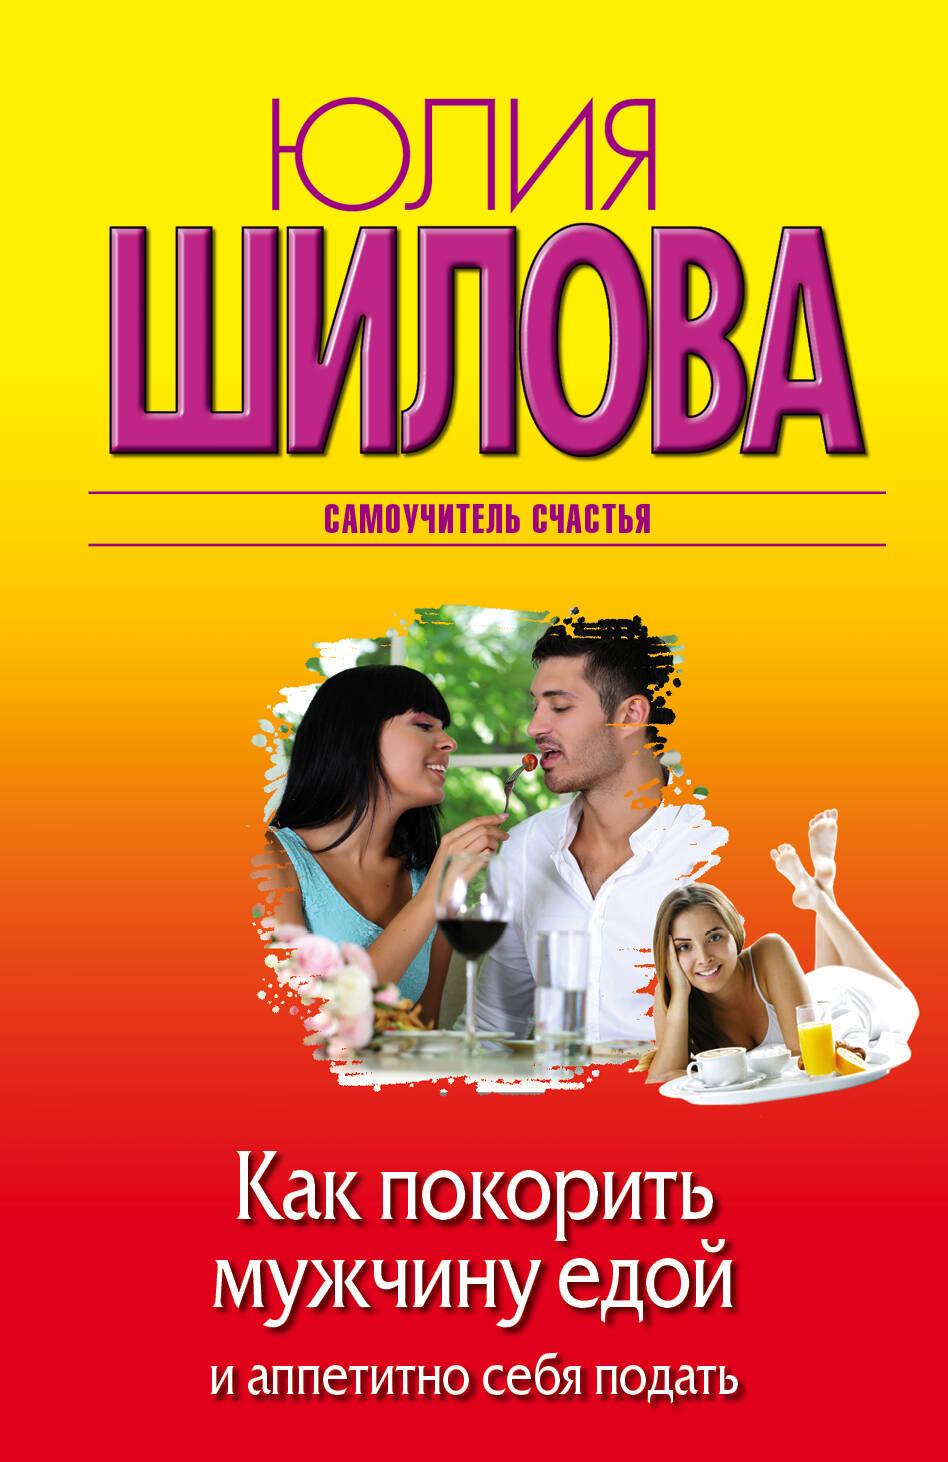 Юлия Шилова Как покорить мужчину едой и аппетитно себя подать шилова ю в как покорить мужчину едой и аппетитно себя подать